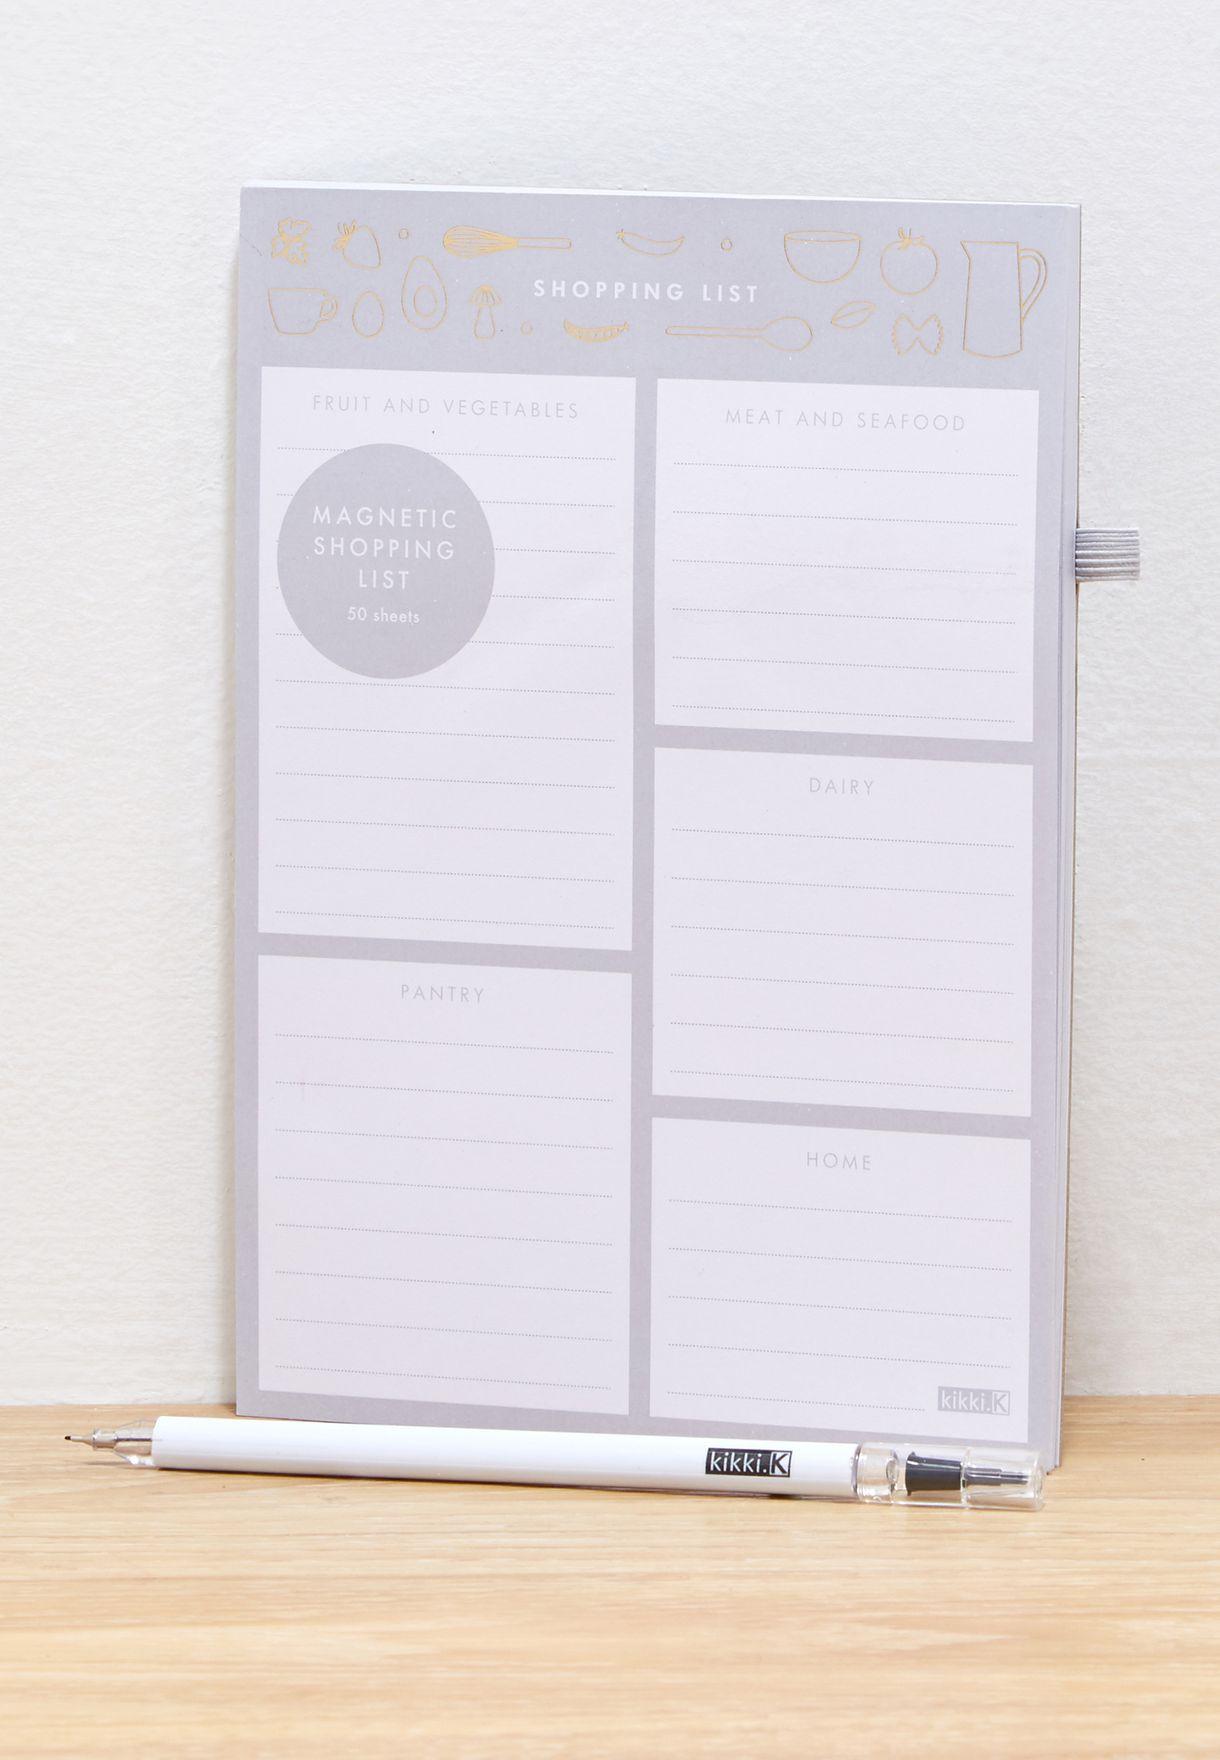 جدول تخطيط للمشتريات بقياس A5